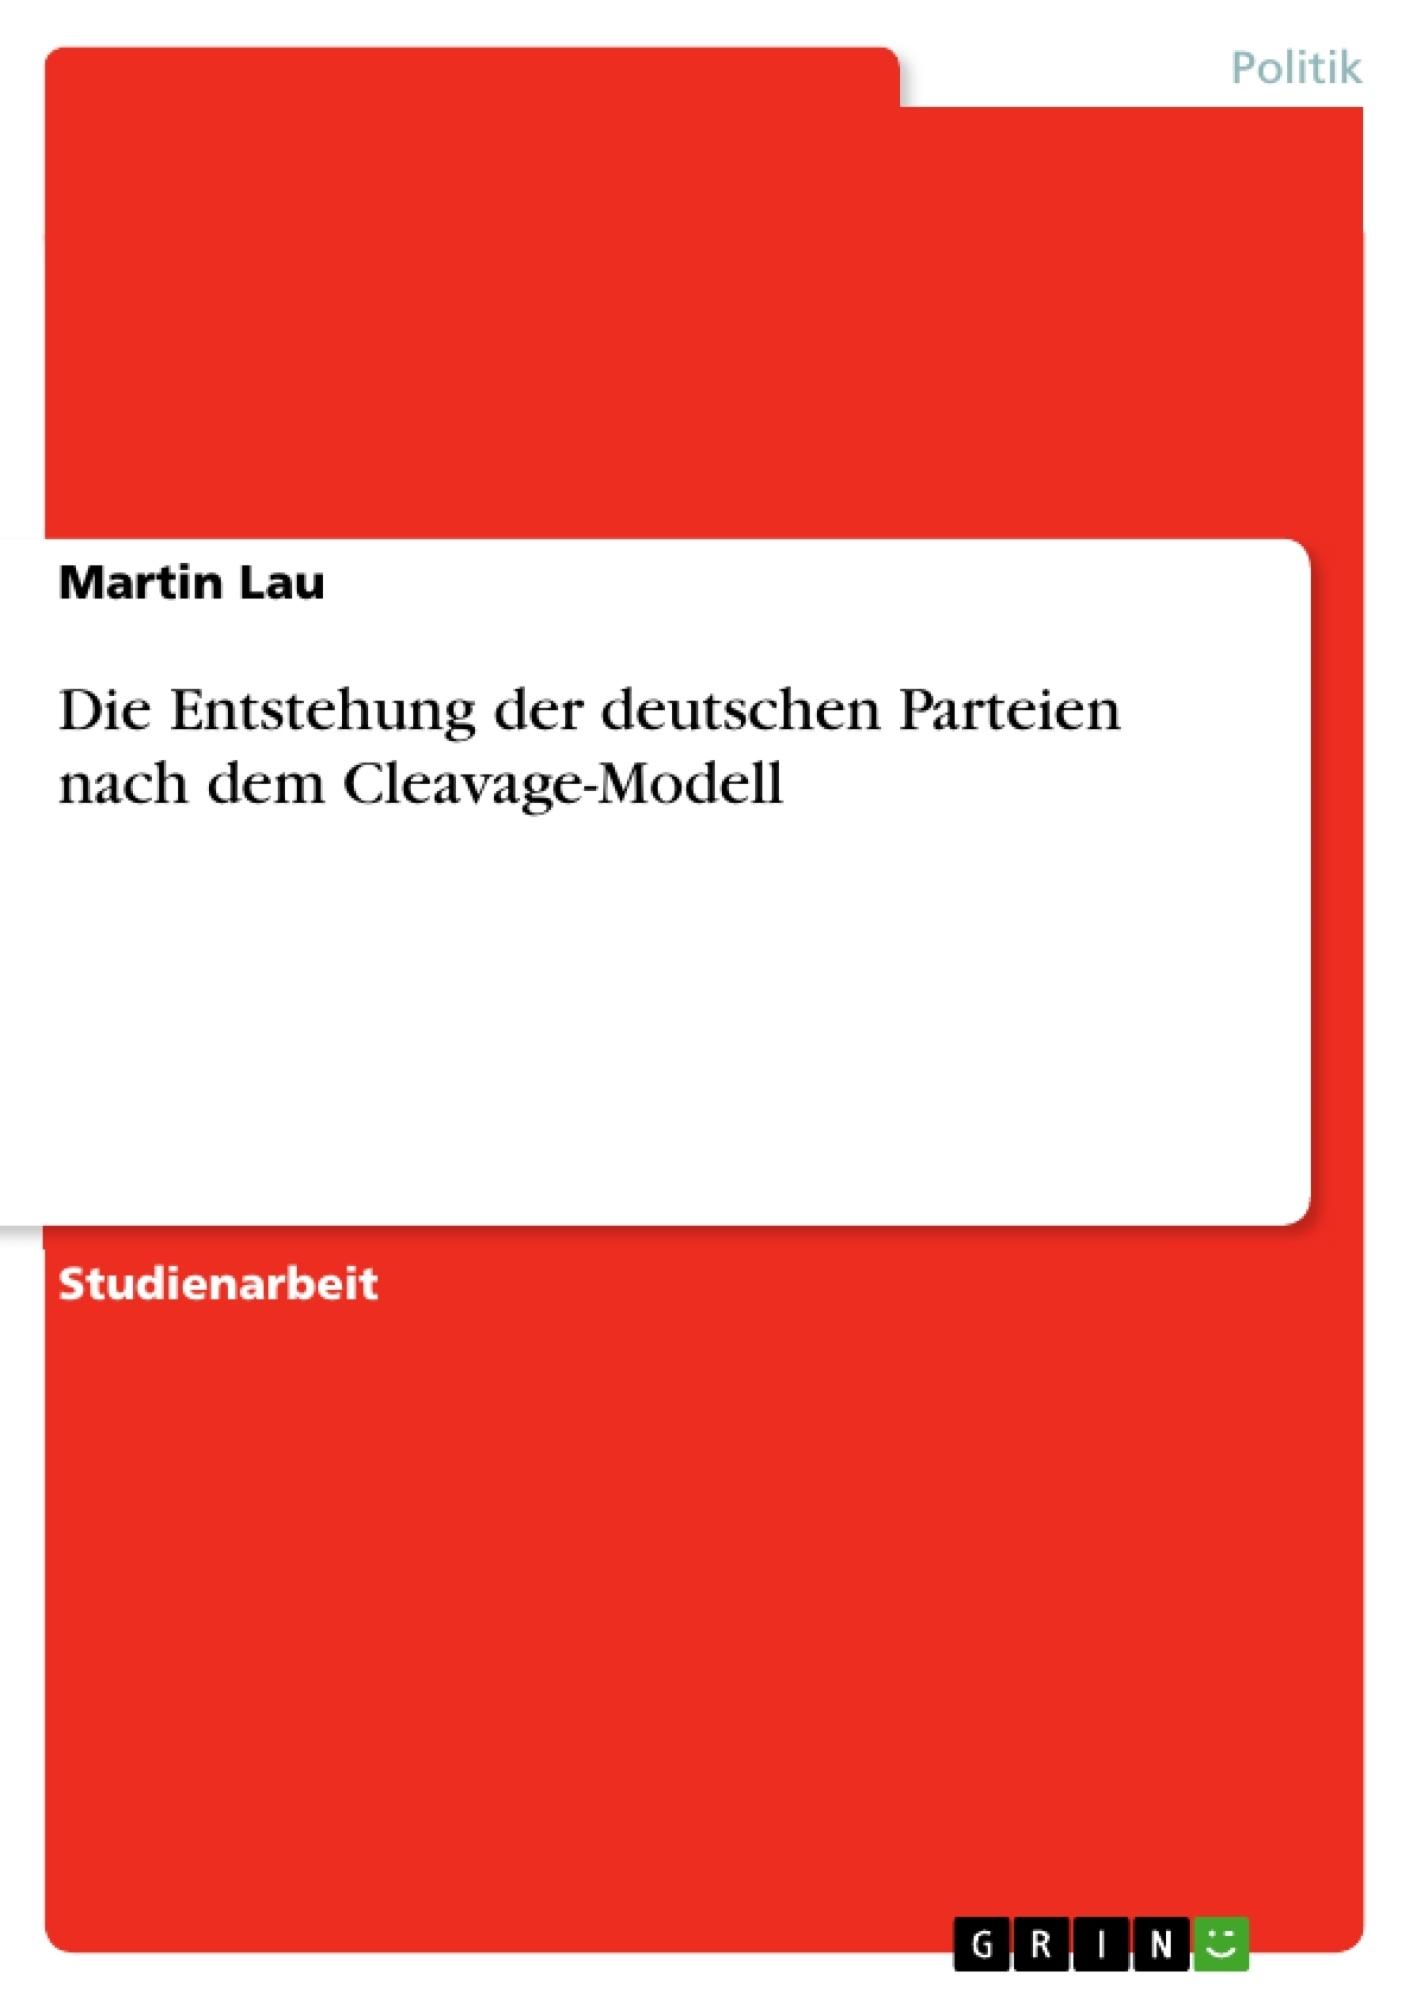 Titel: Die Entstehung der deutschen Parteien nach dem Cleavage-Modell